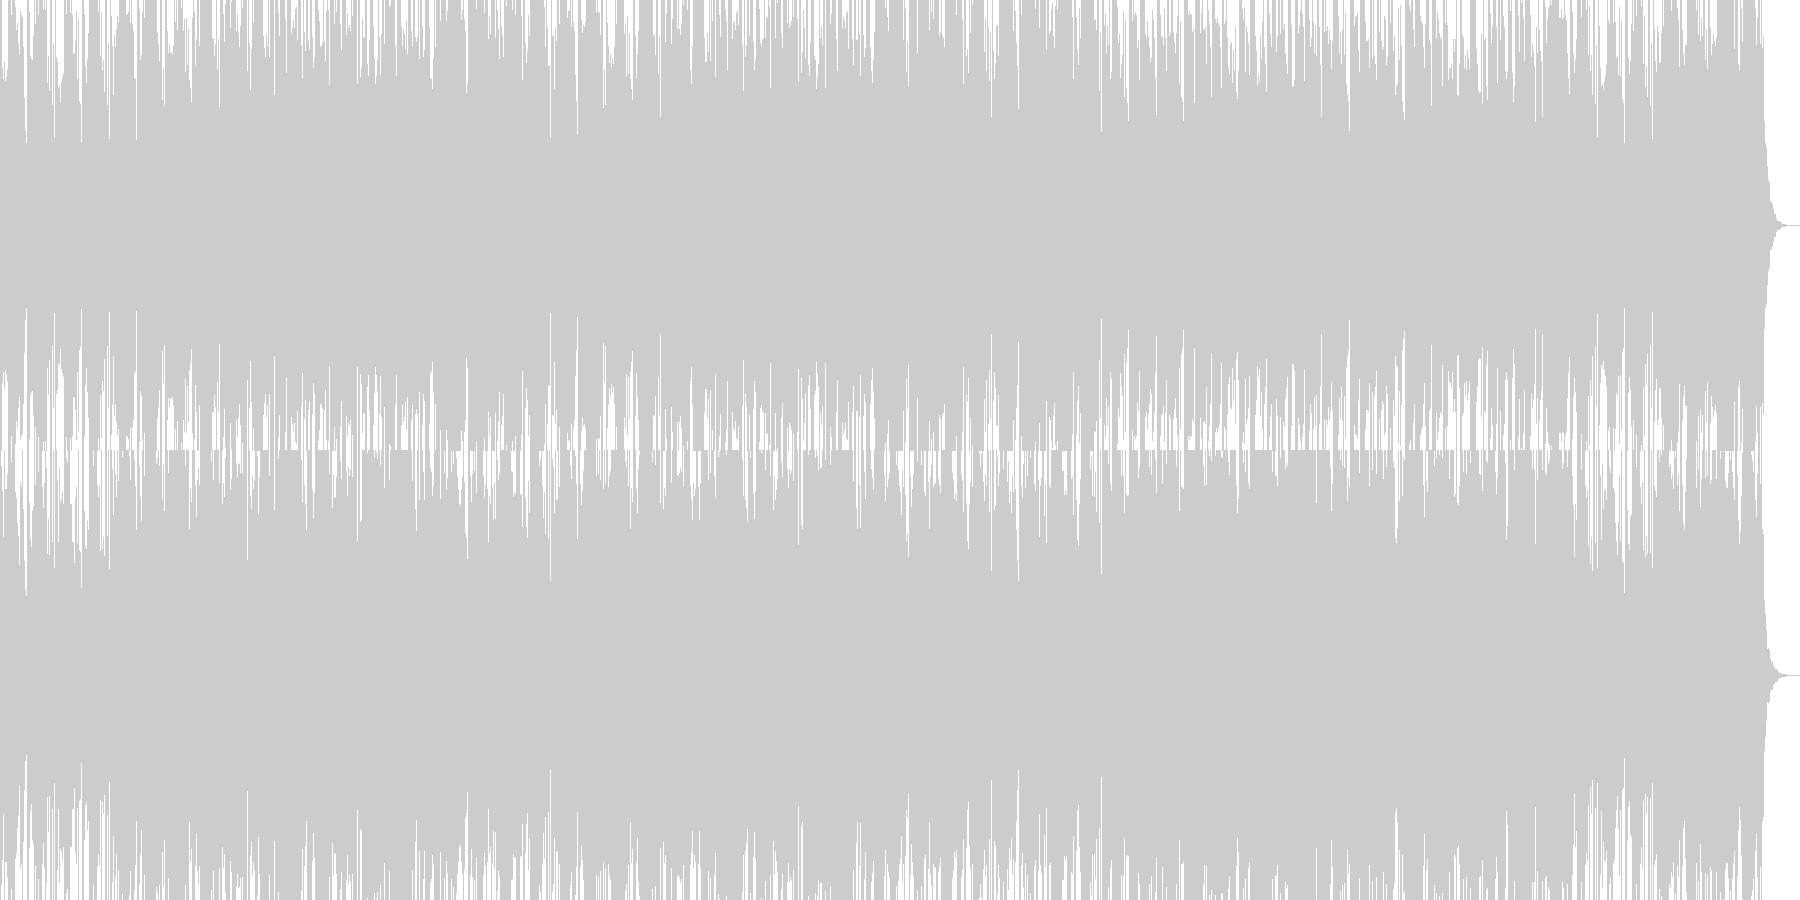 ジャズっぽい暗めのBGMの未再生の波形